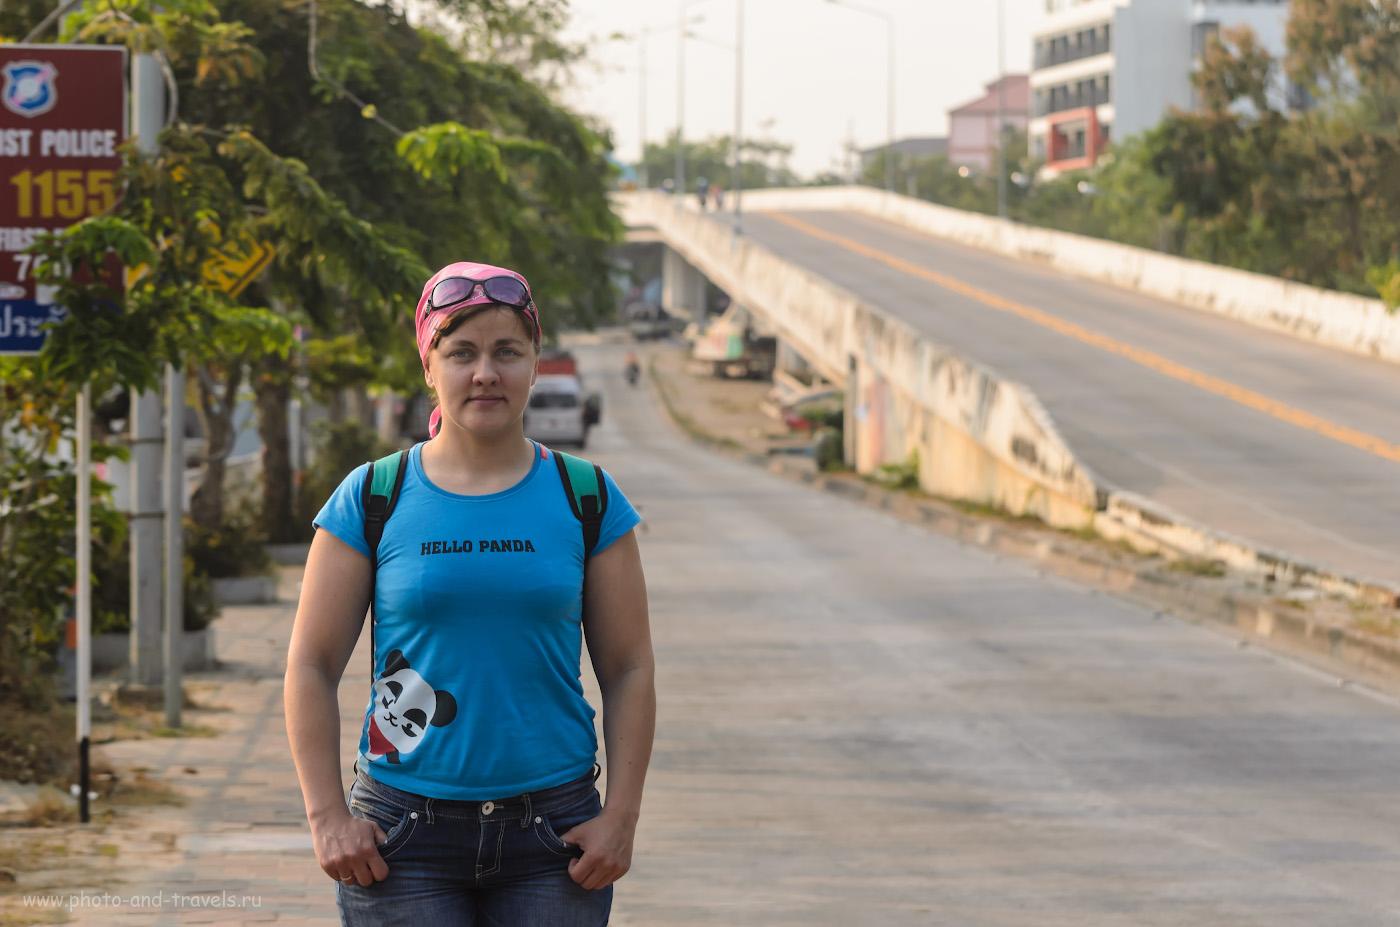 """3. По пути к пирсу Паттайи. Отзывы туристов об отдыхе в Таиланде. Пример портрета, снятого на зеркалку Nikon D5100 (все фото, кроме фонтана """"Дельфины"""" получены на эту камеру) и телевик Nikkor 70-300. Настройки камеры: 1/640 сек, 0 eV, приоритет диафрагмы, f/5, 85 мм, ИСО 250."""